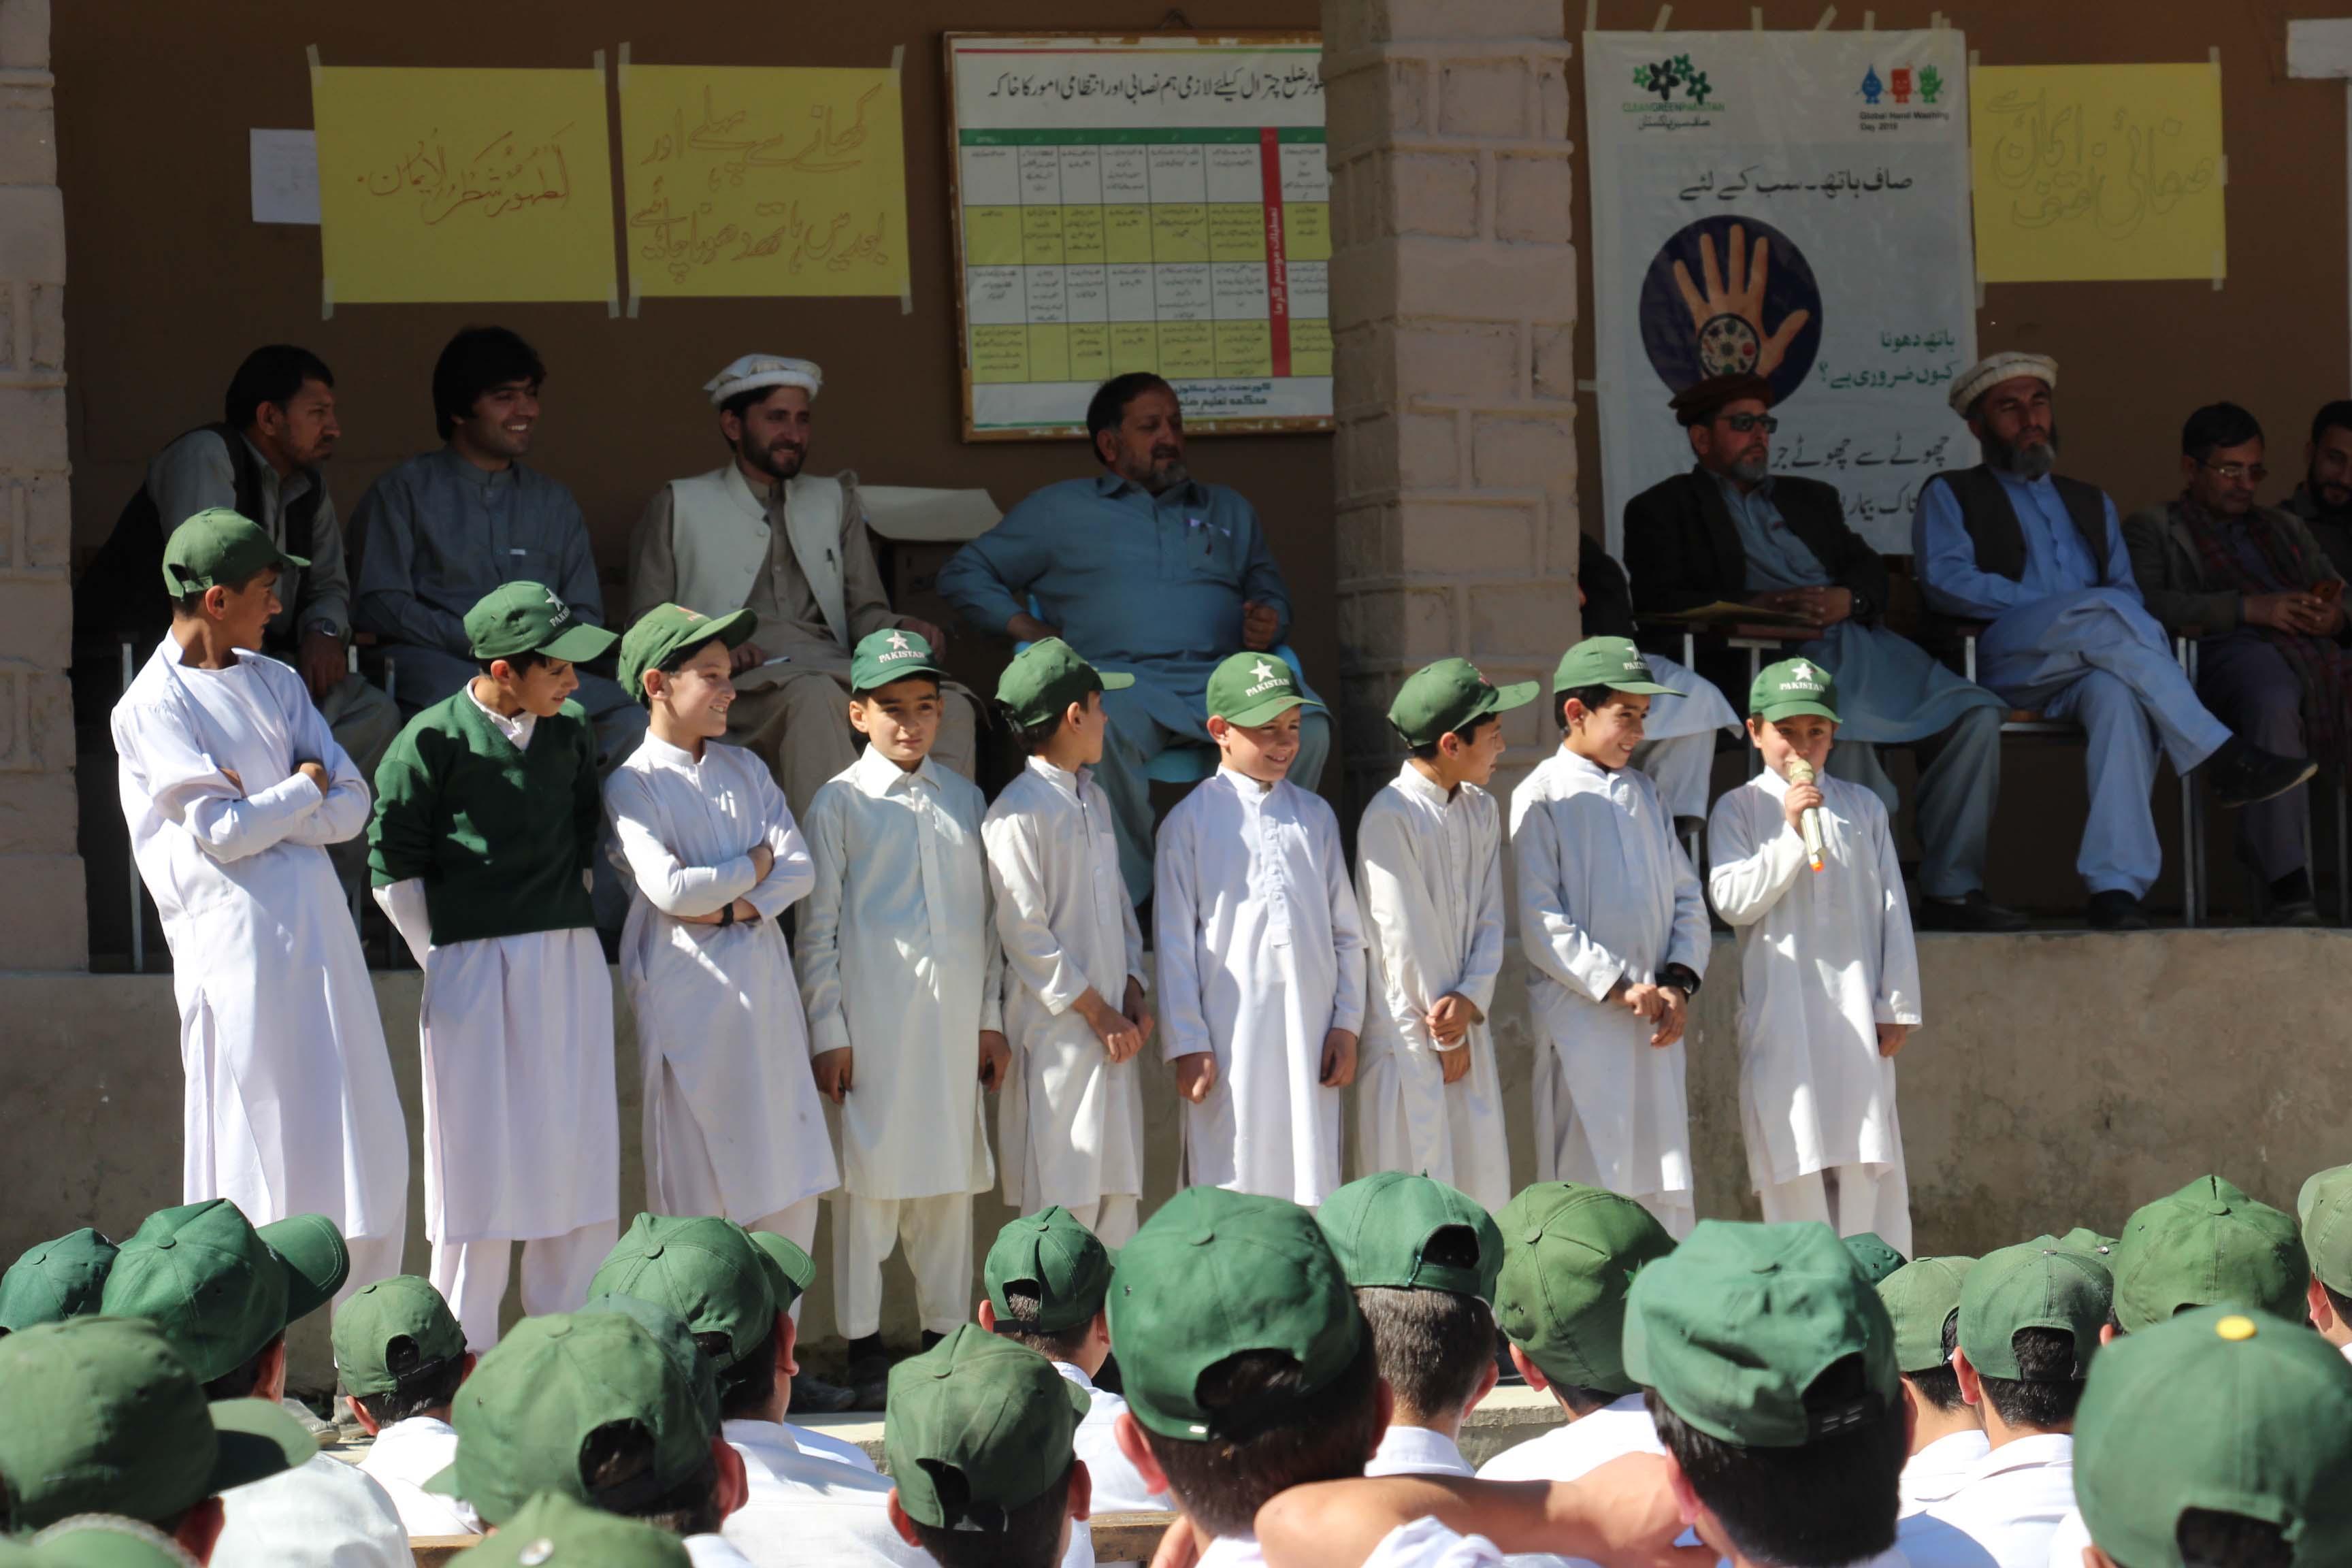 چترال میں بھی ہاتھ دھونے کا عالمی دن منایا گیا، بچوں میں صابن تقسیم